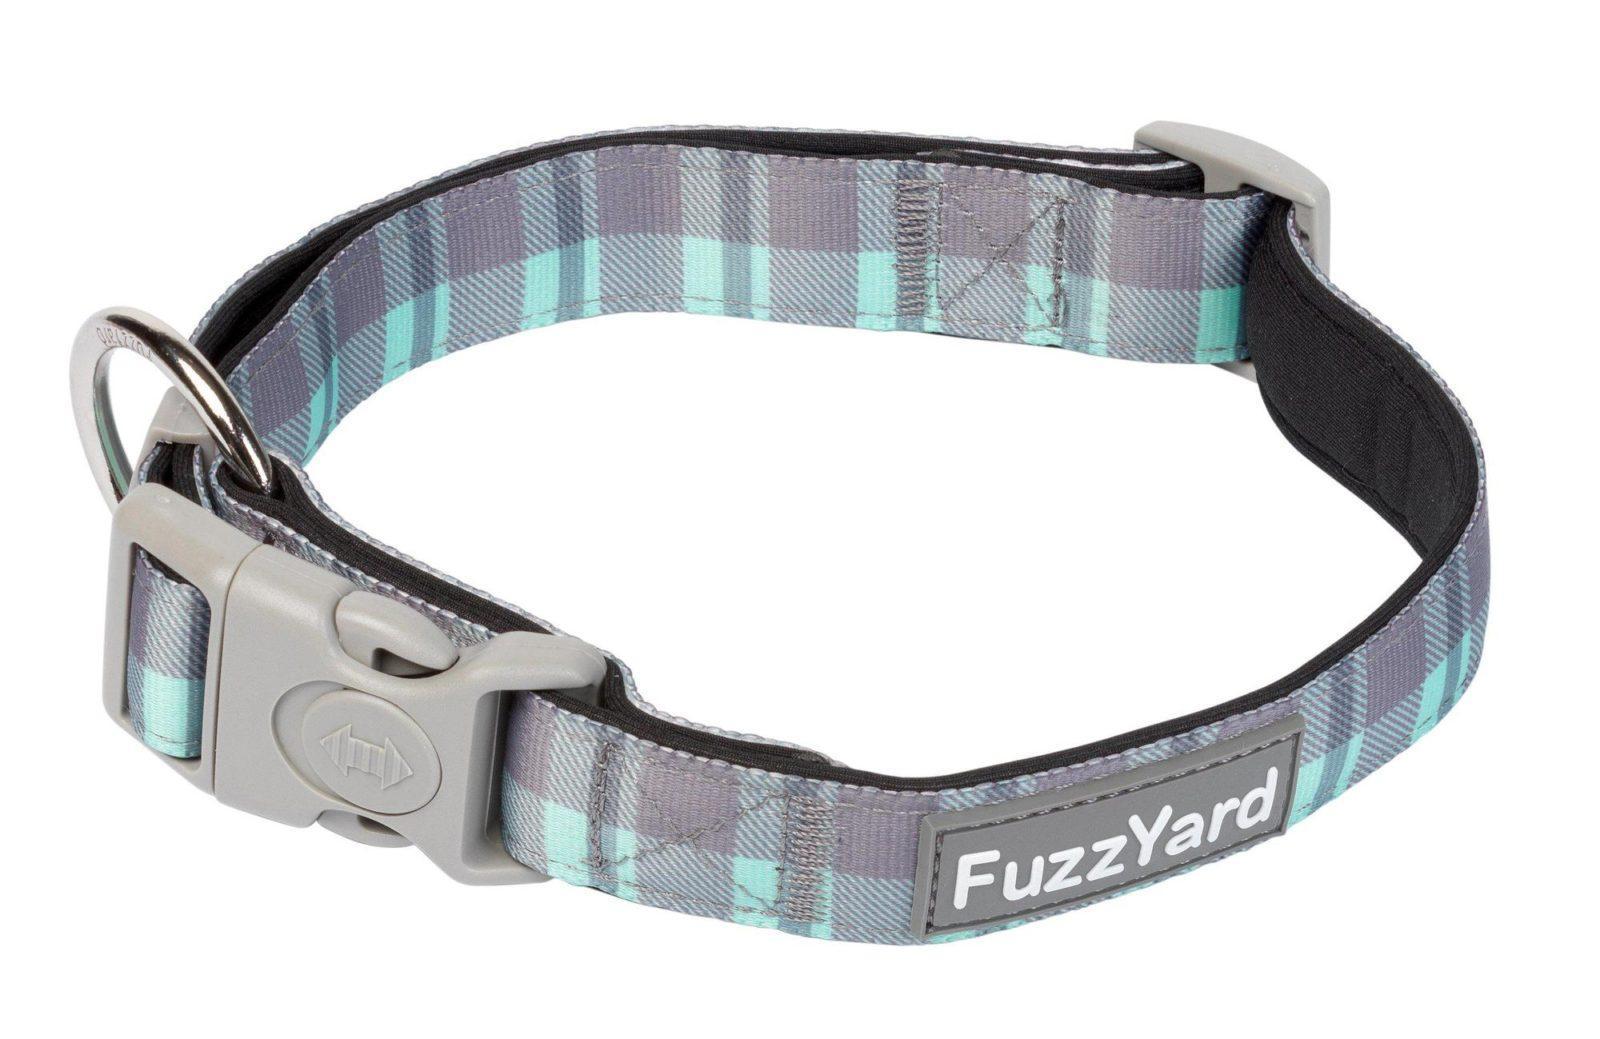 mcfuzz dog collar